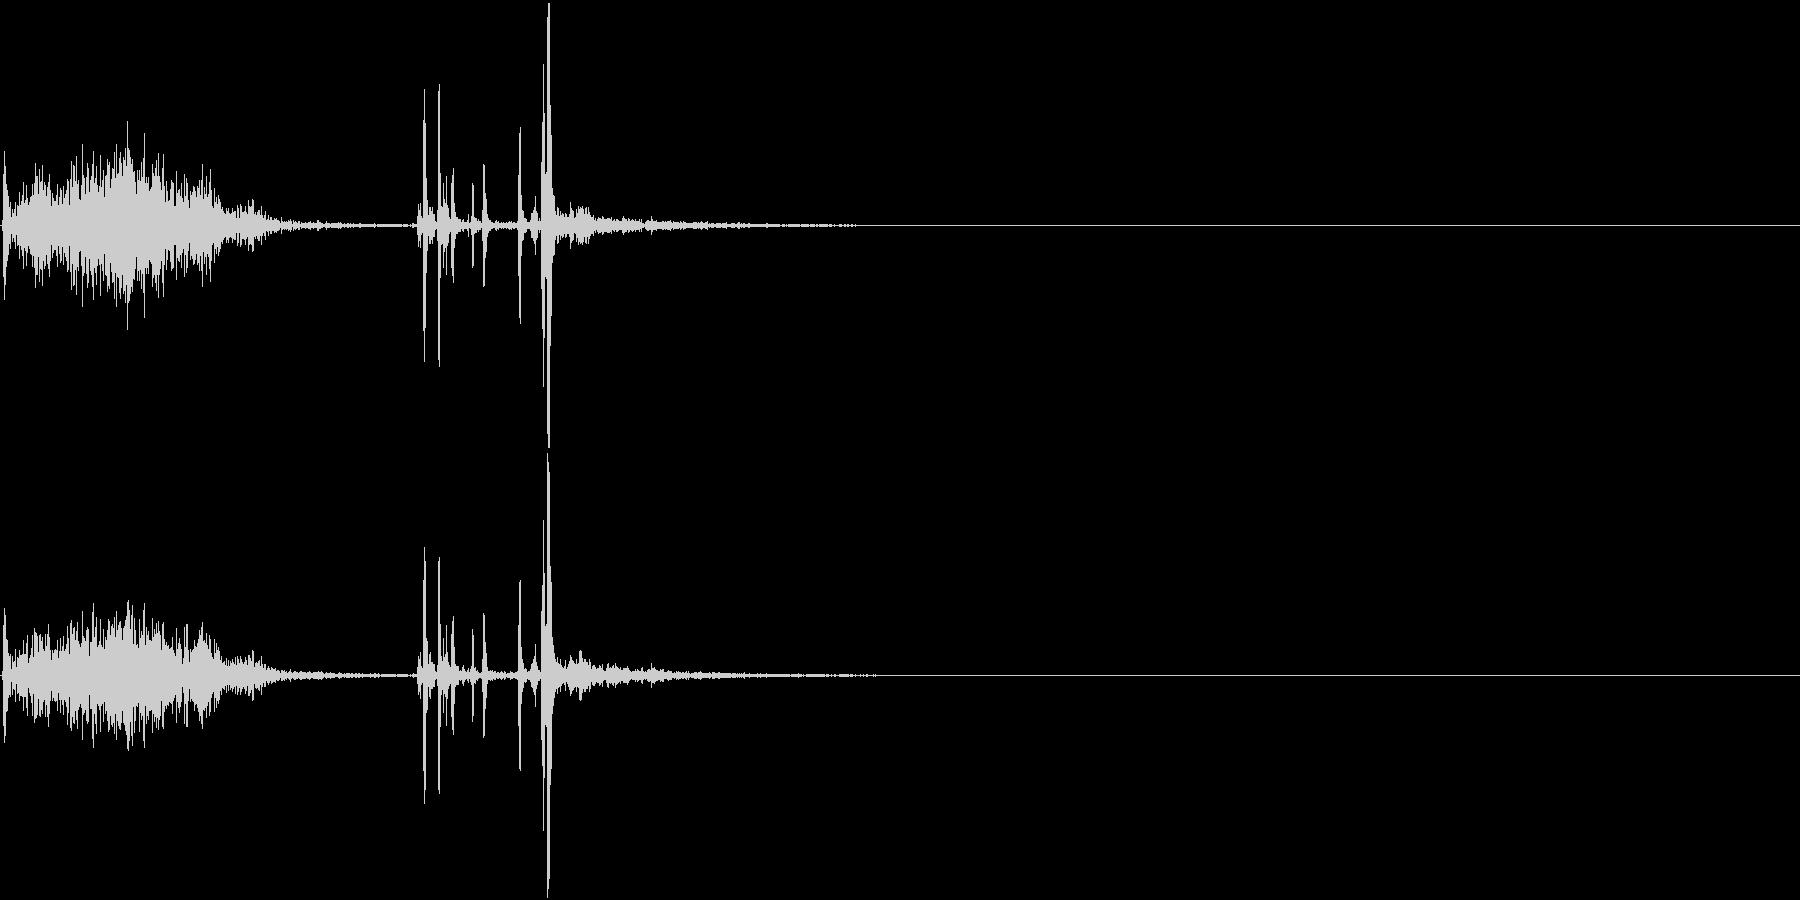 【生録音】500mlの缶ビールを開ける音の未再生の波形